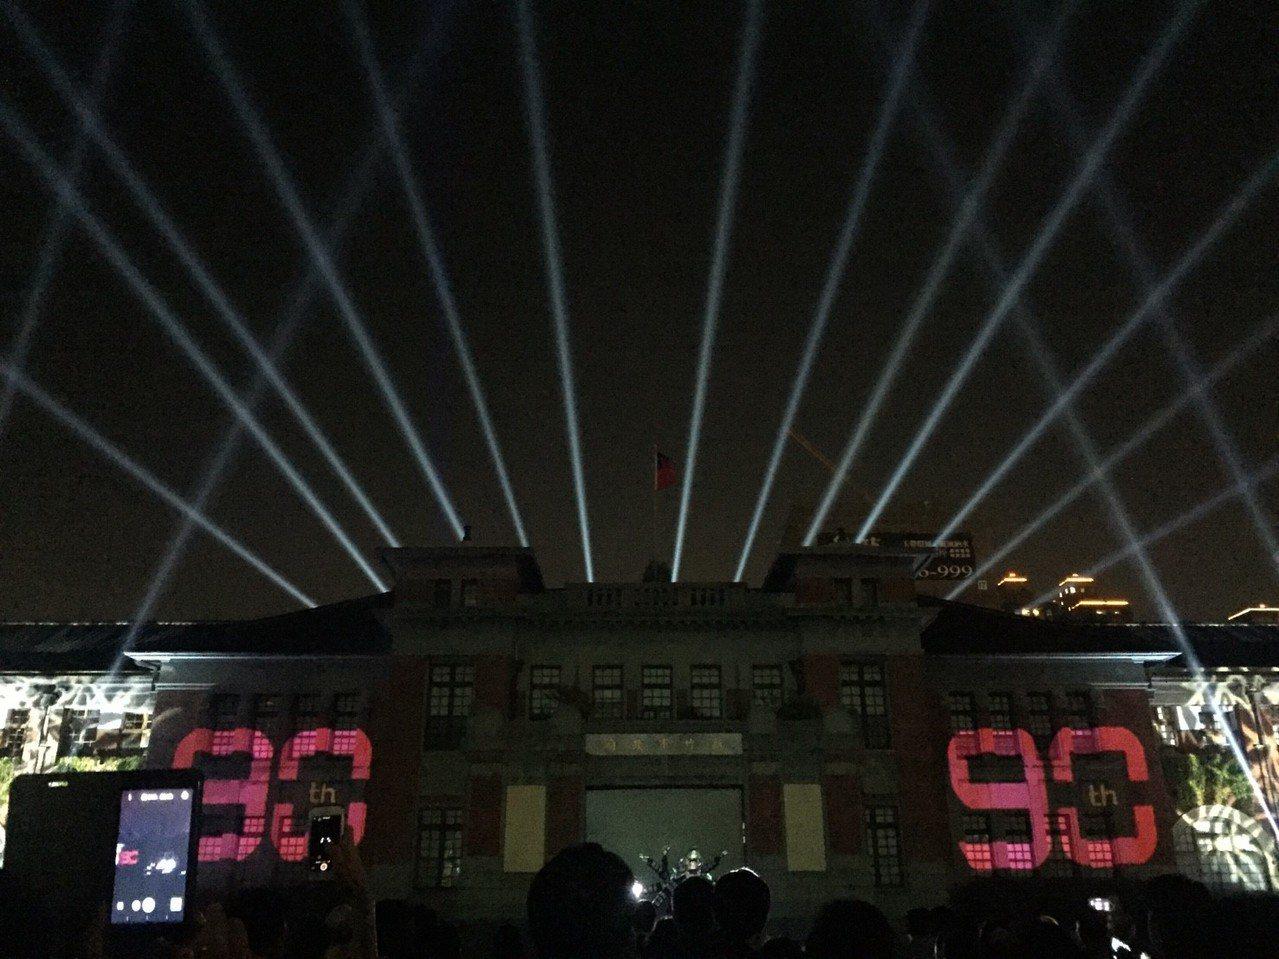 新竹市政府將舉辦新竹州廳啟用90周年系列活動,光雕秀今天首映。記者郭宣彣/攝影